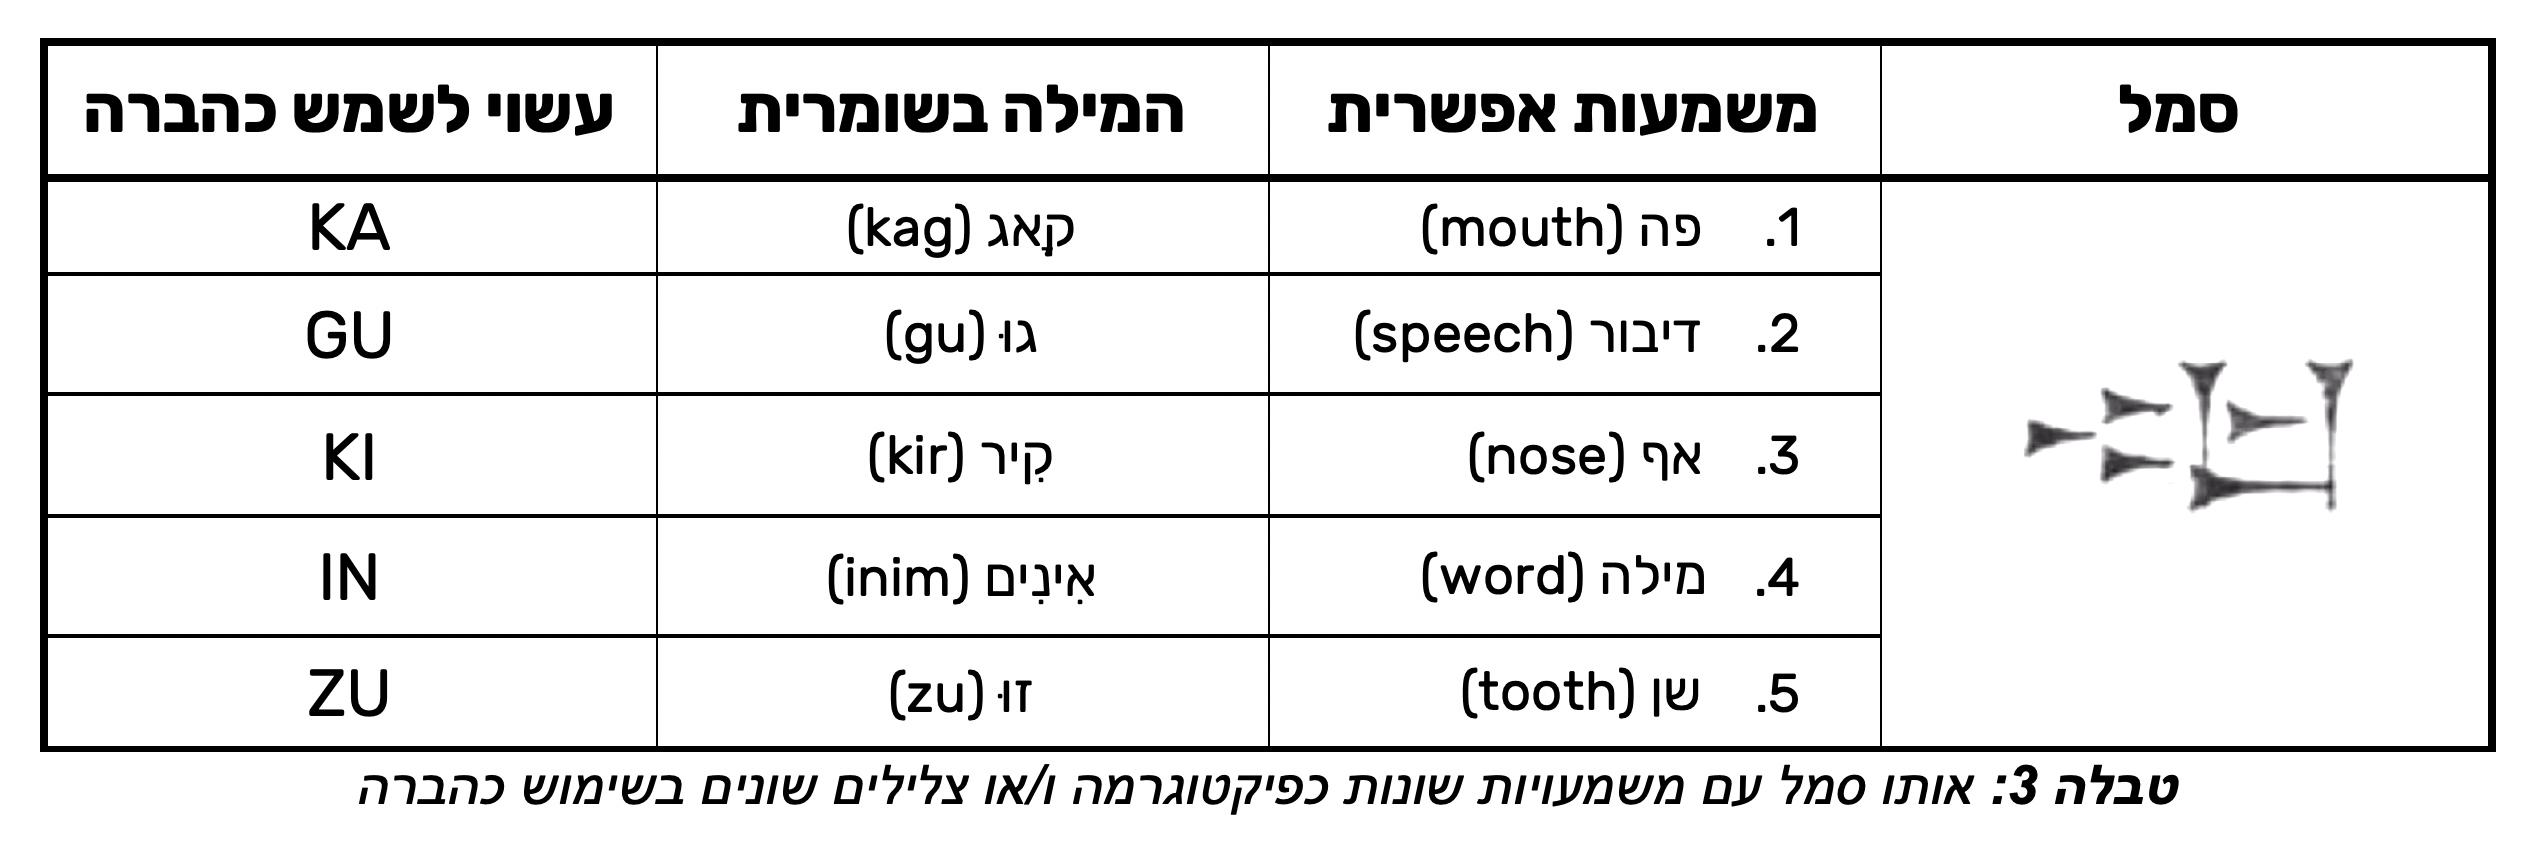 cuneiform same sign different sounds